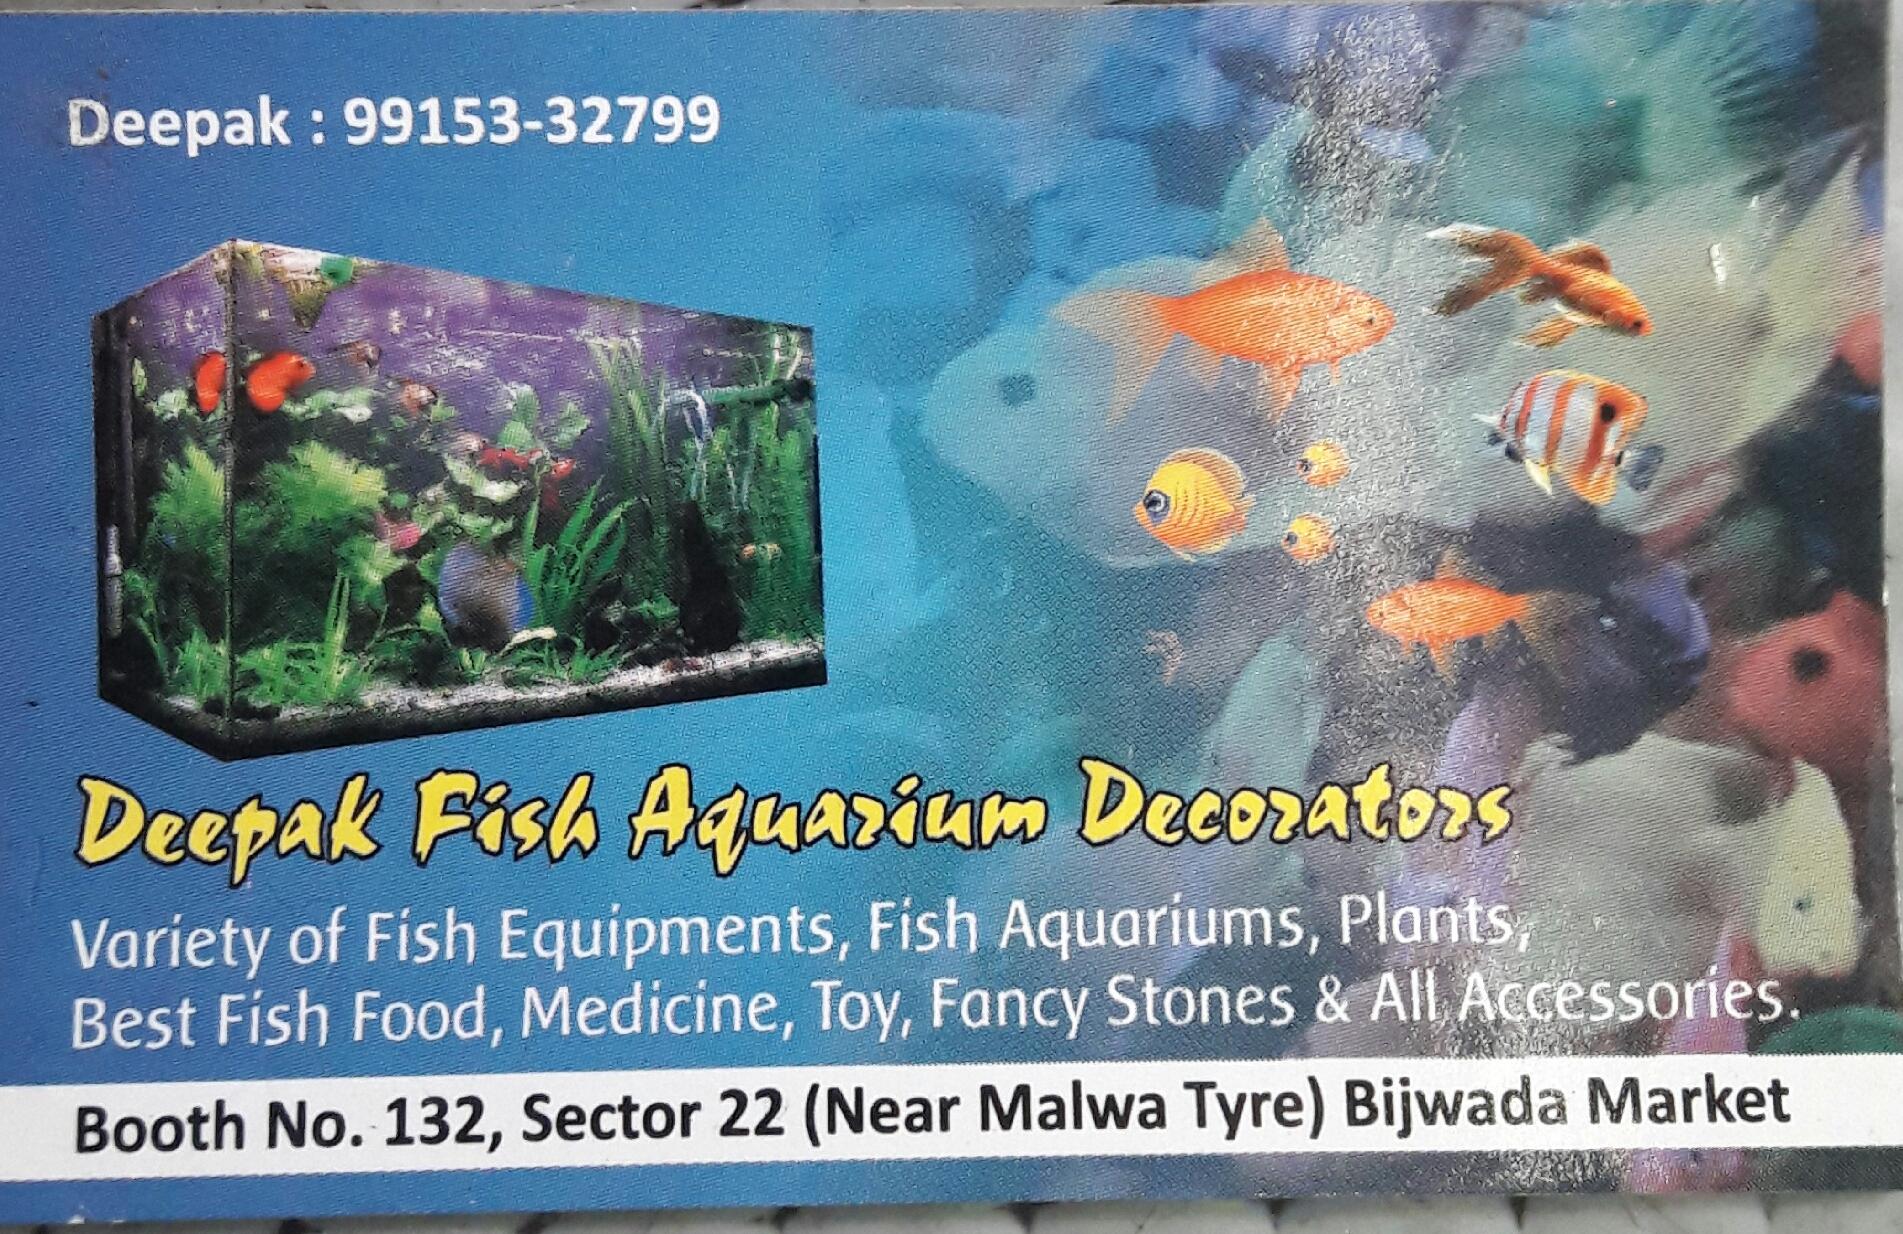 FISH AQUARIUM SHOP IN CHANDIGARH